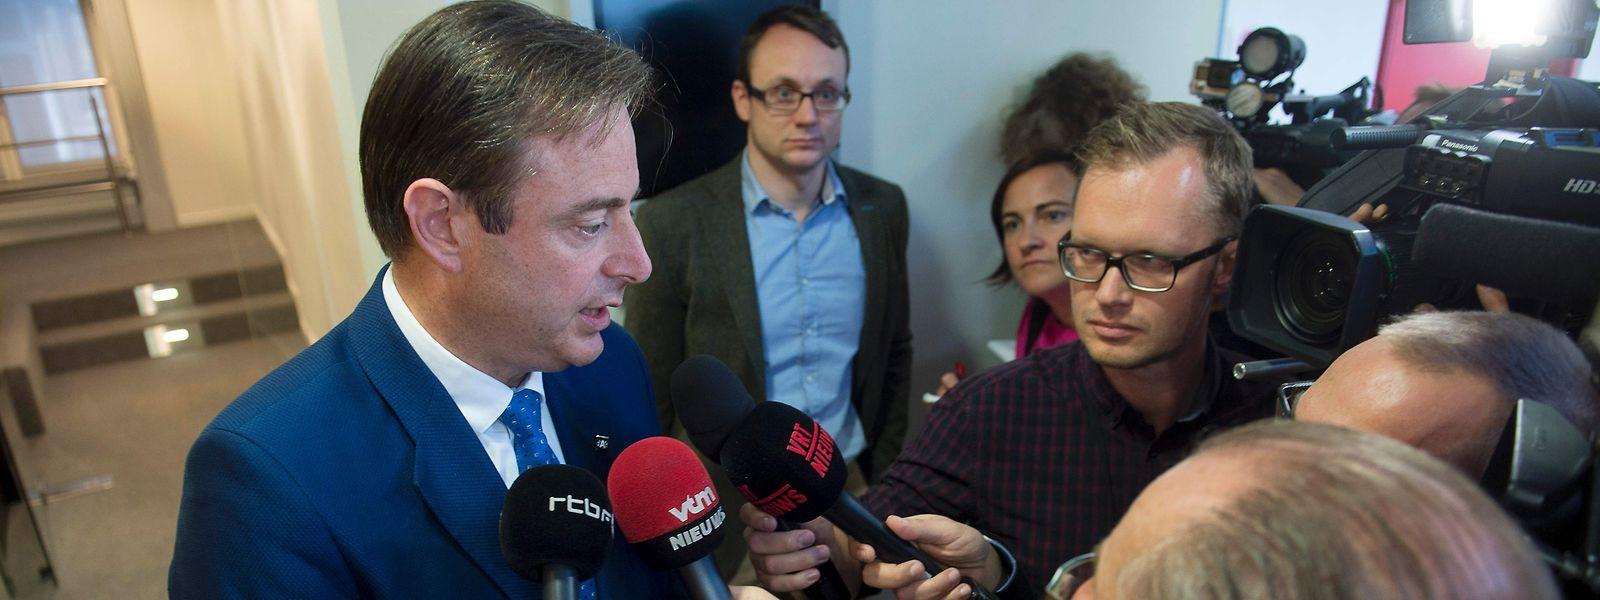 Bart De Wever se plaît à prendre le contre-pied des mesures de confinement décidées par le gouvernement Wilmès